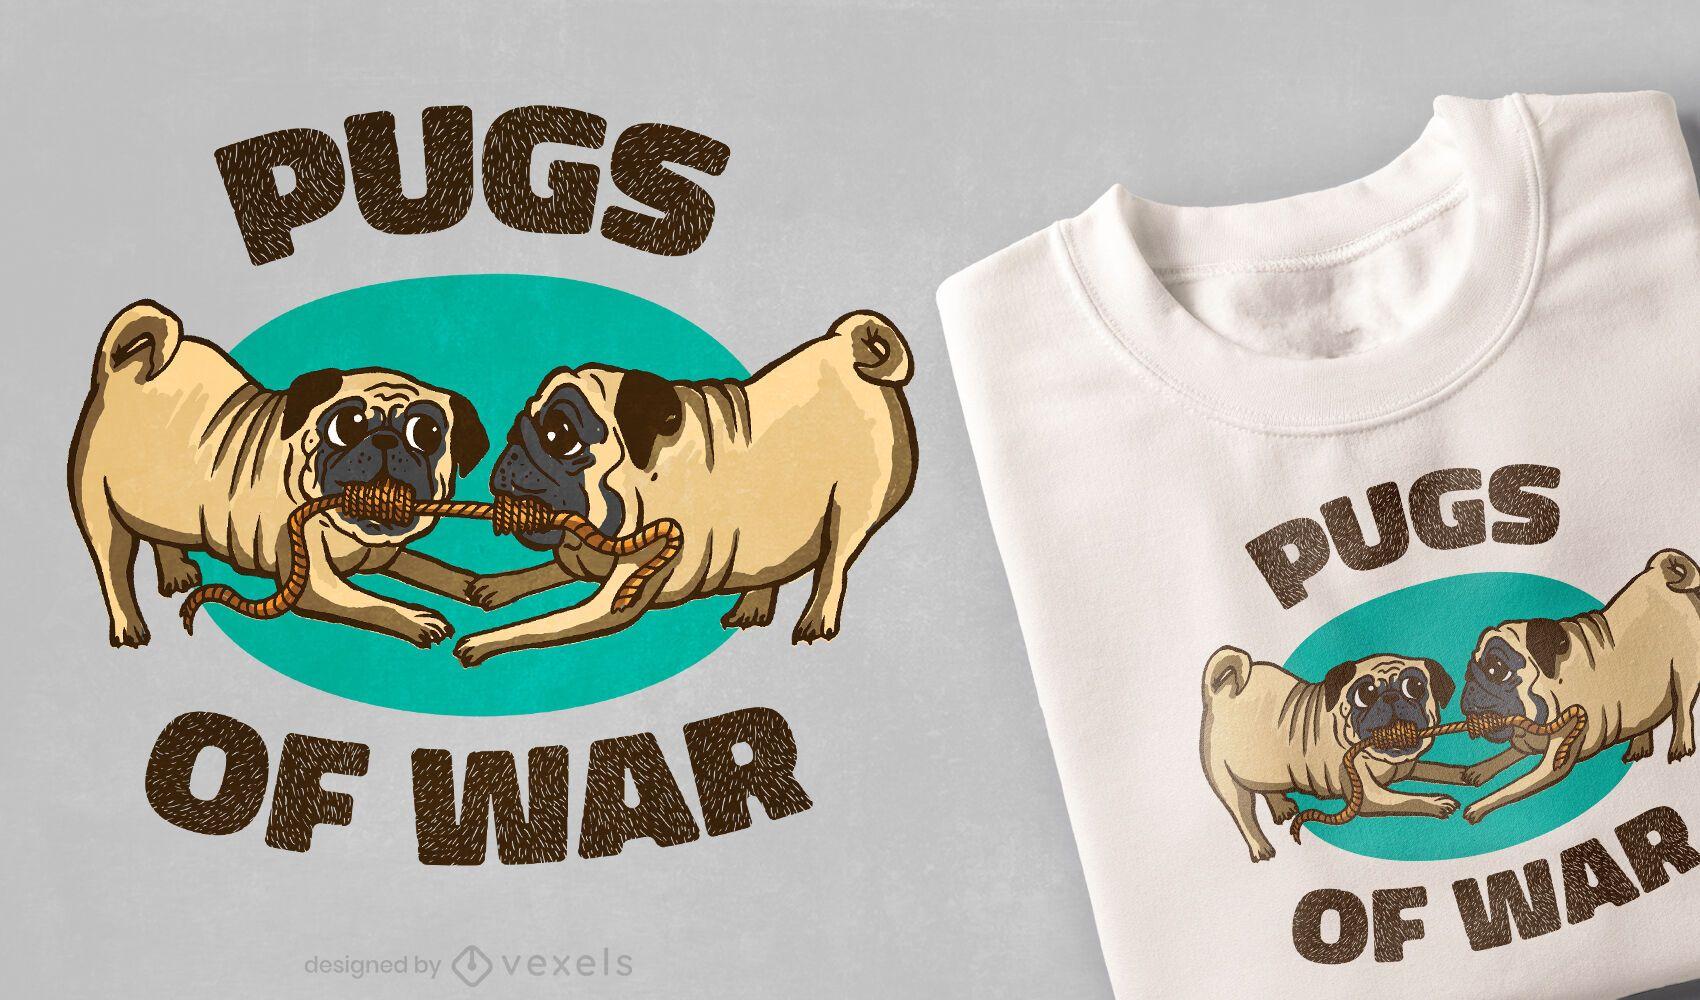 Pugs of war t-shirt design